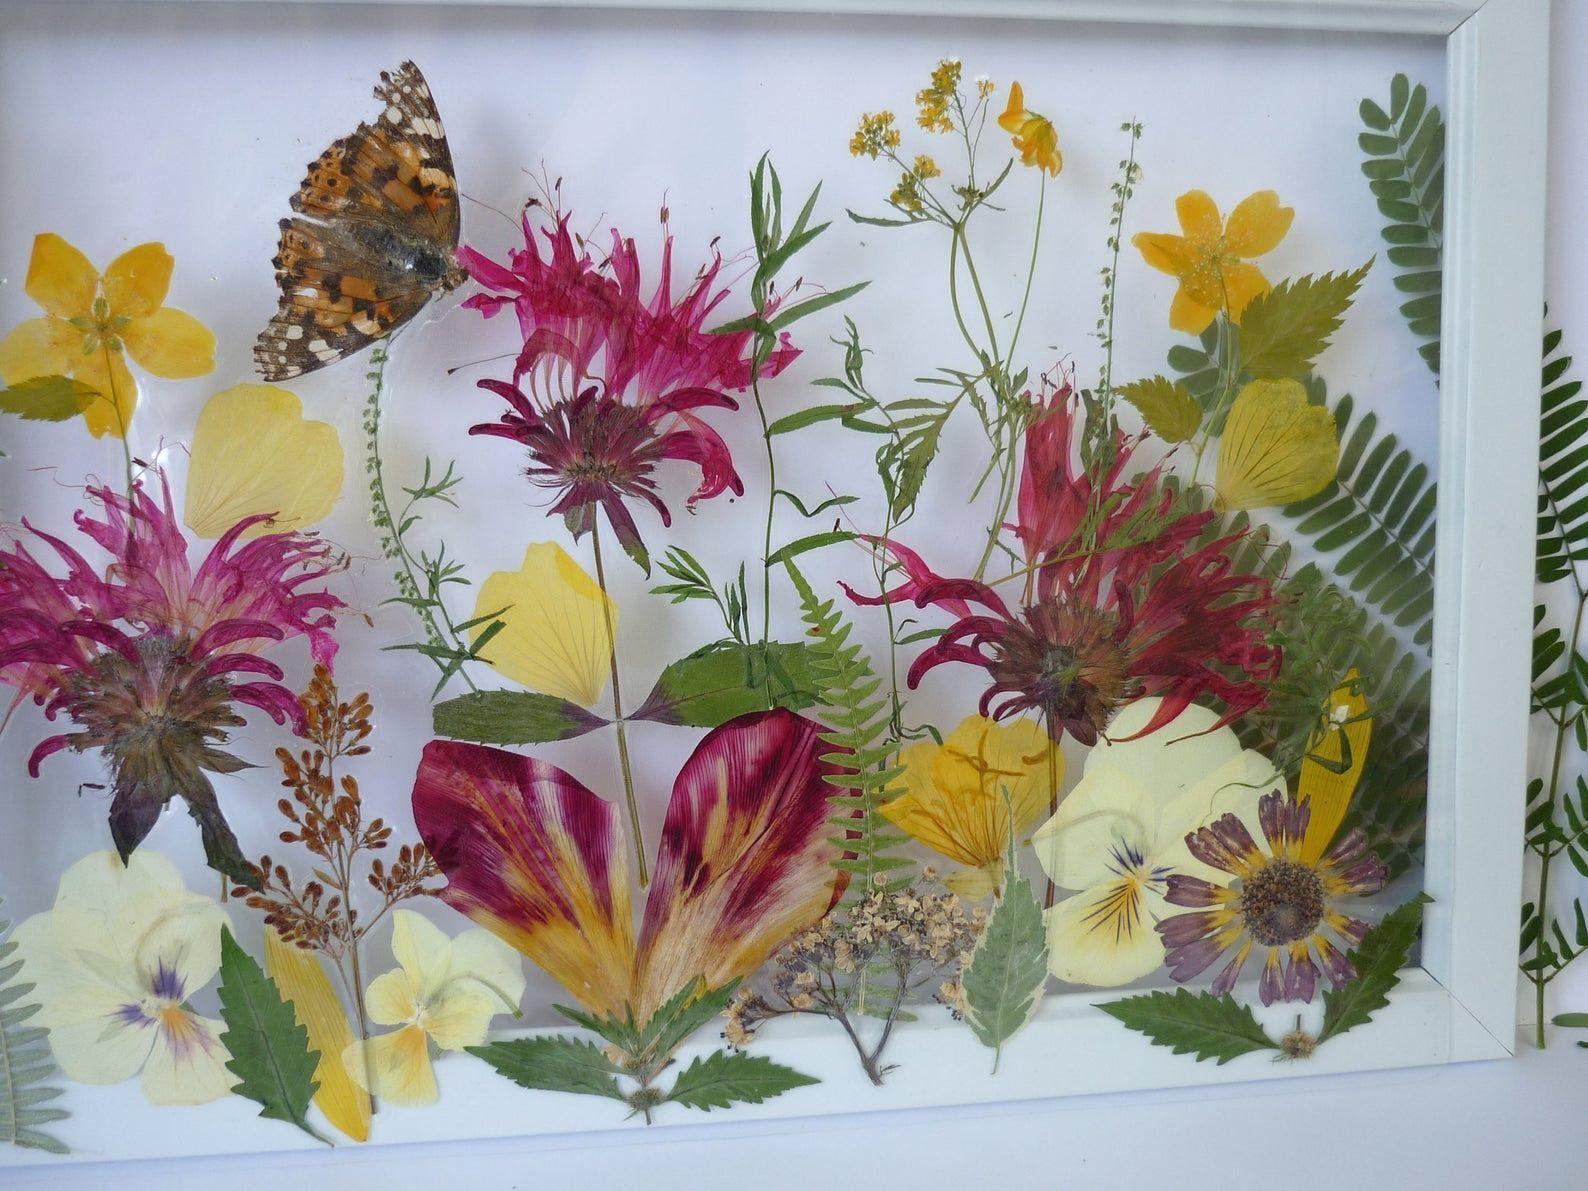 Kunst der gepressten Blumen, Hochzeitsgeschenk, Kunst der getrockneten Blumen, Dekoration der gepressten Blumen …